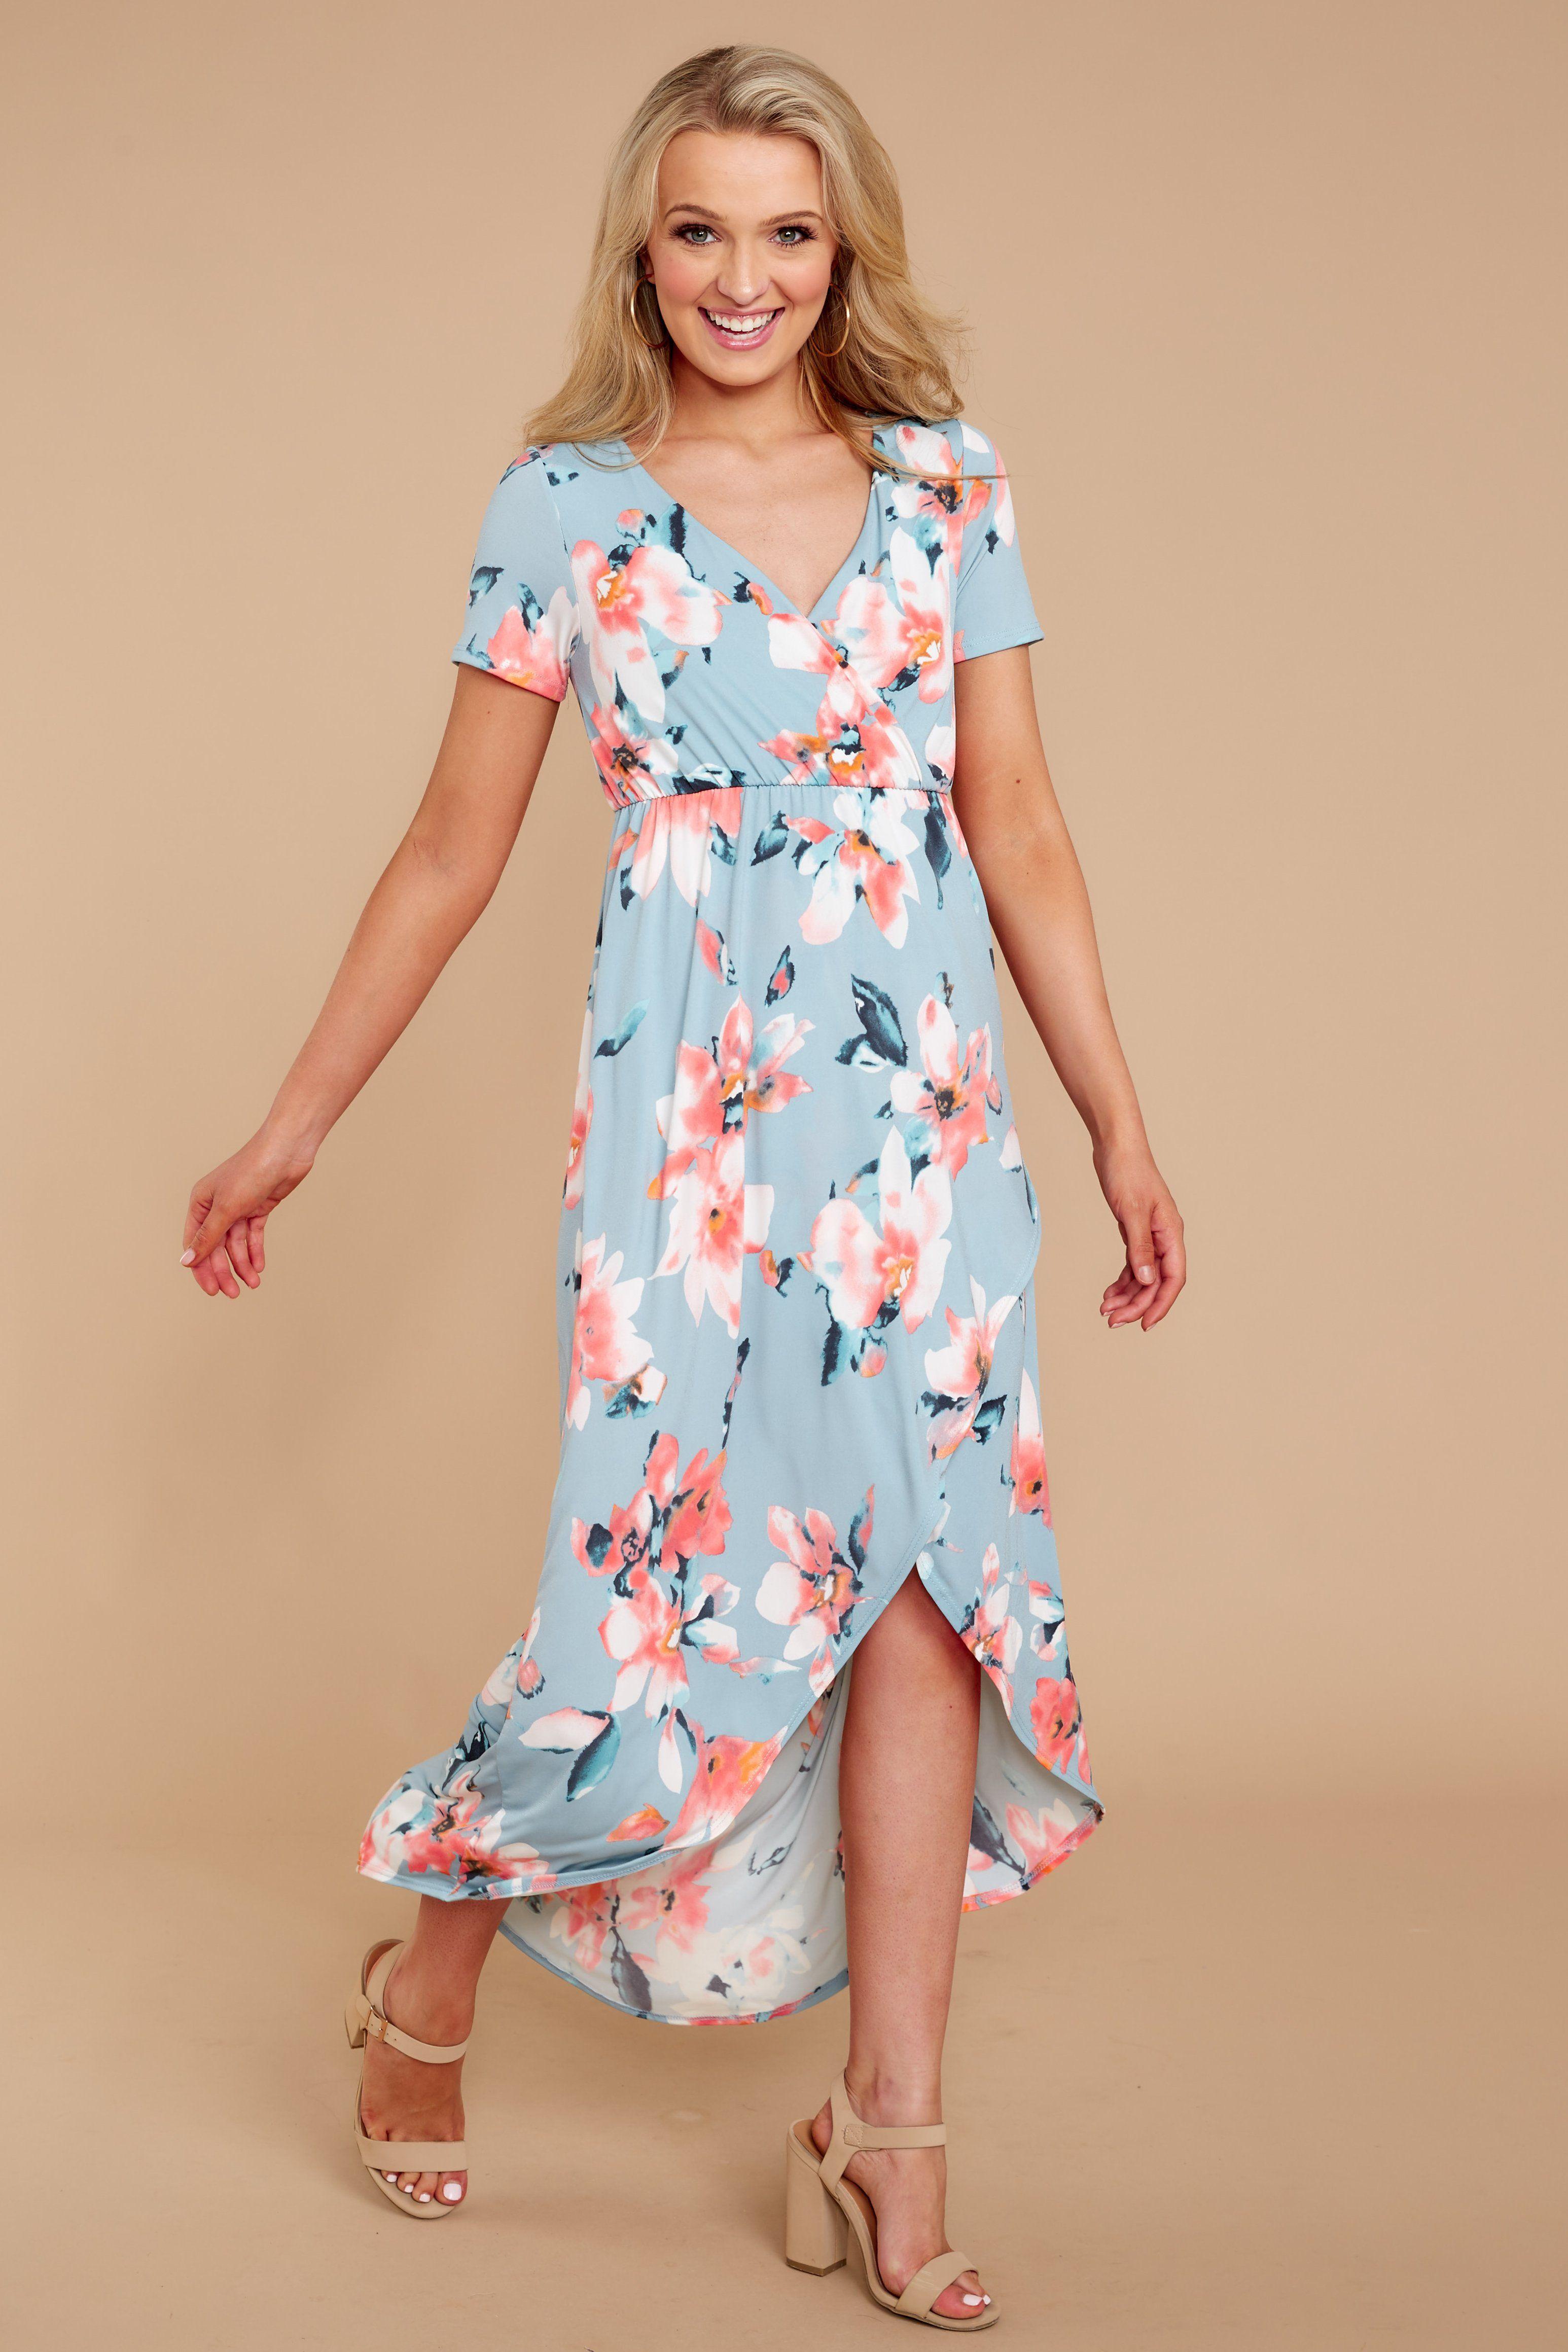 5a148c3d29 Adorable Blue Floral Print Dress - Chic Floral Print Dress - Dress -  42.00  – Red Dress Boutique